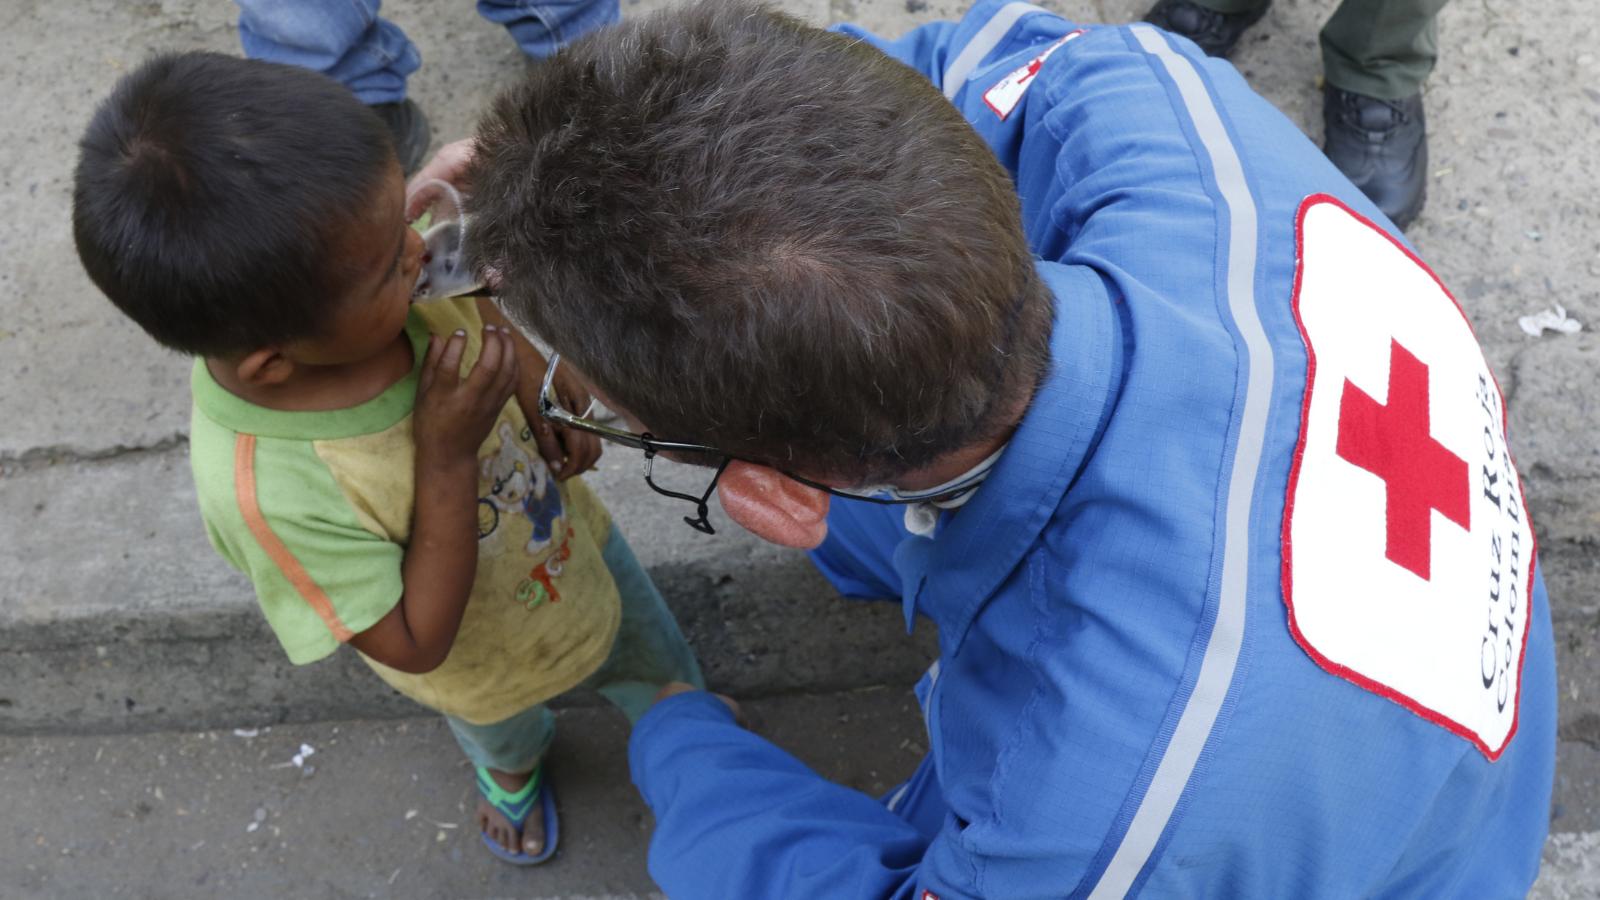 La desnutrición, un mal que los menores venezolanos viven desproporcionadamente